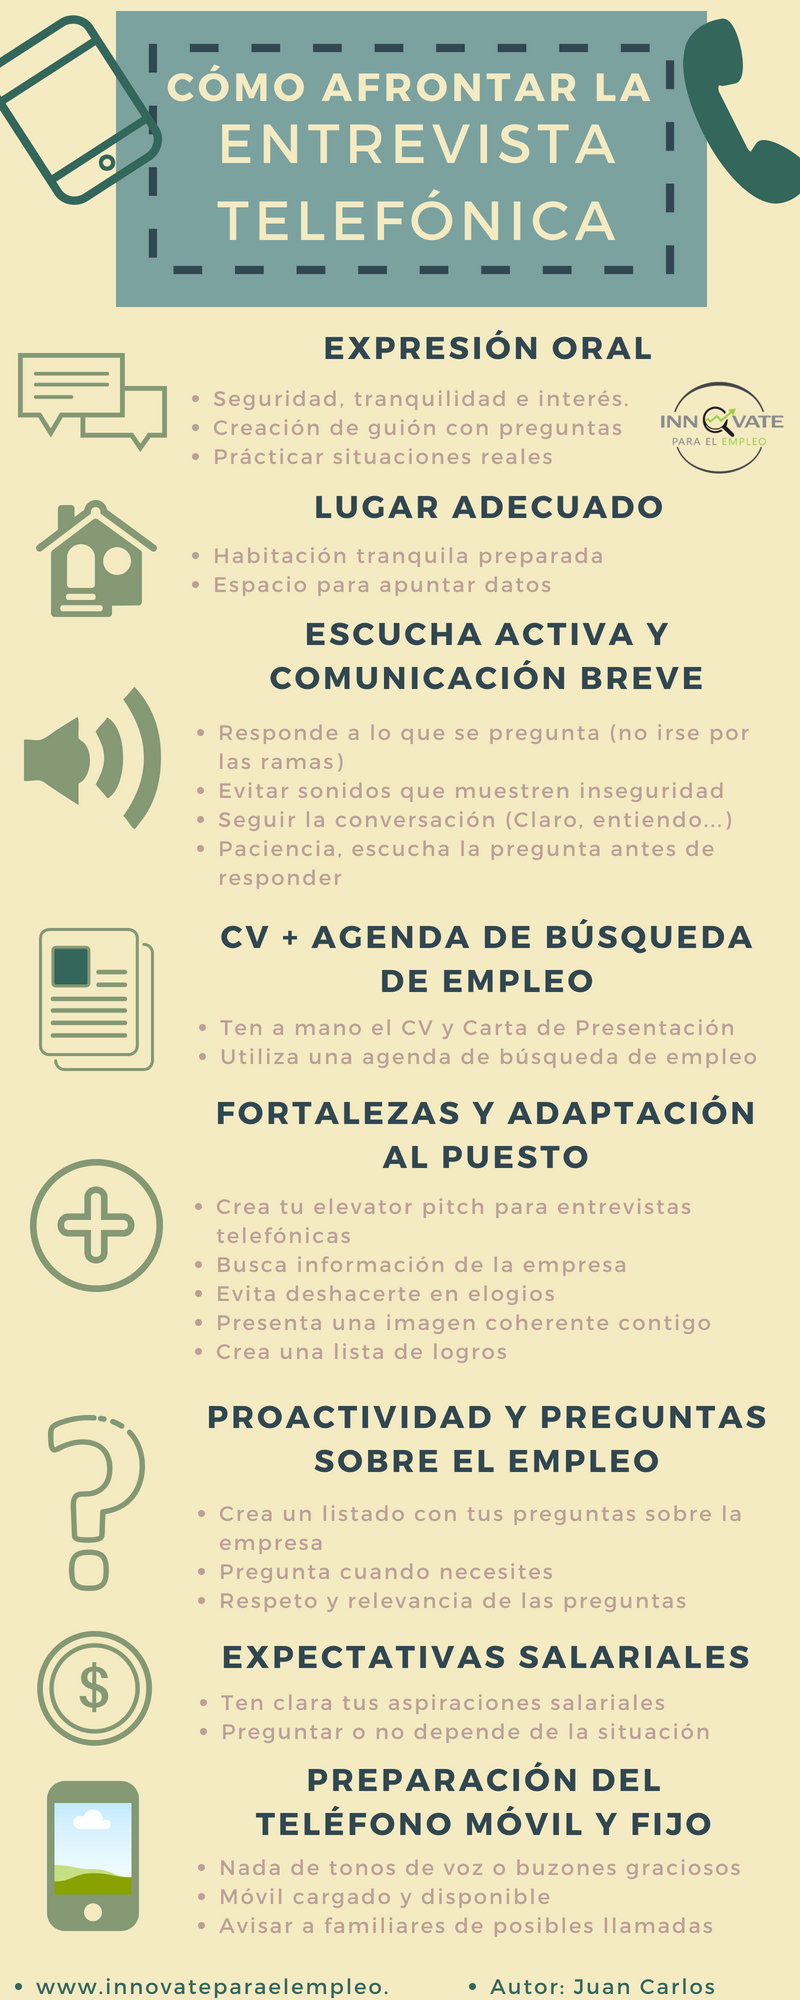 Cómo Afrontar La Entrevista Telefónica Entrevista Entrevista De Trabajo Expresión Oral